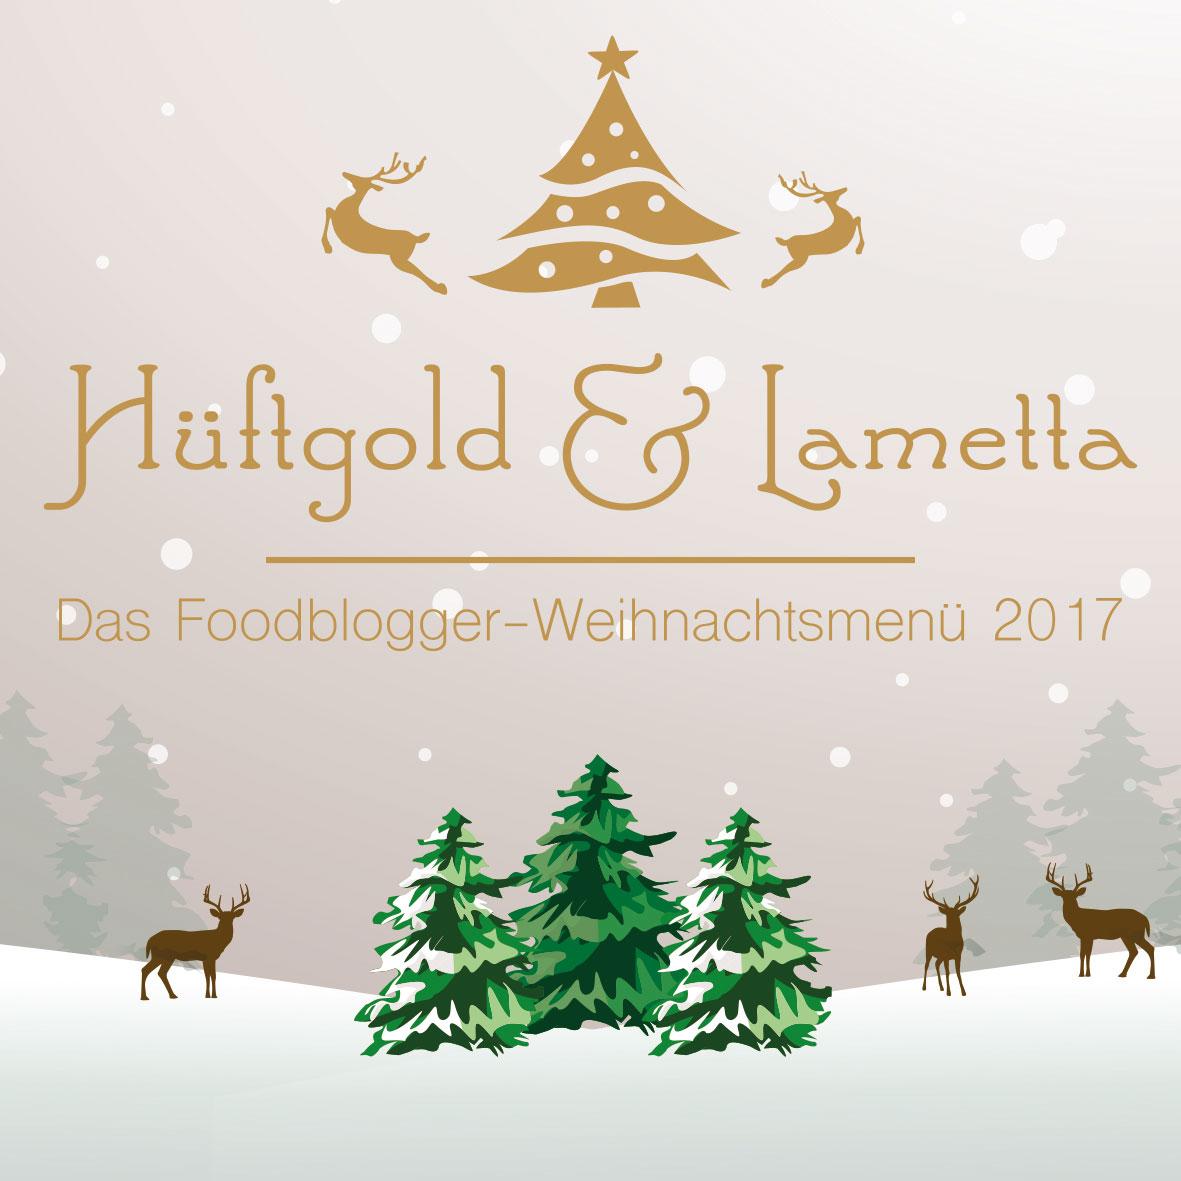 Hüftgold & Lametta - Das Foodblogger Weihnachtsmenü 2017